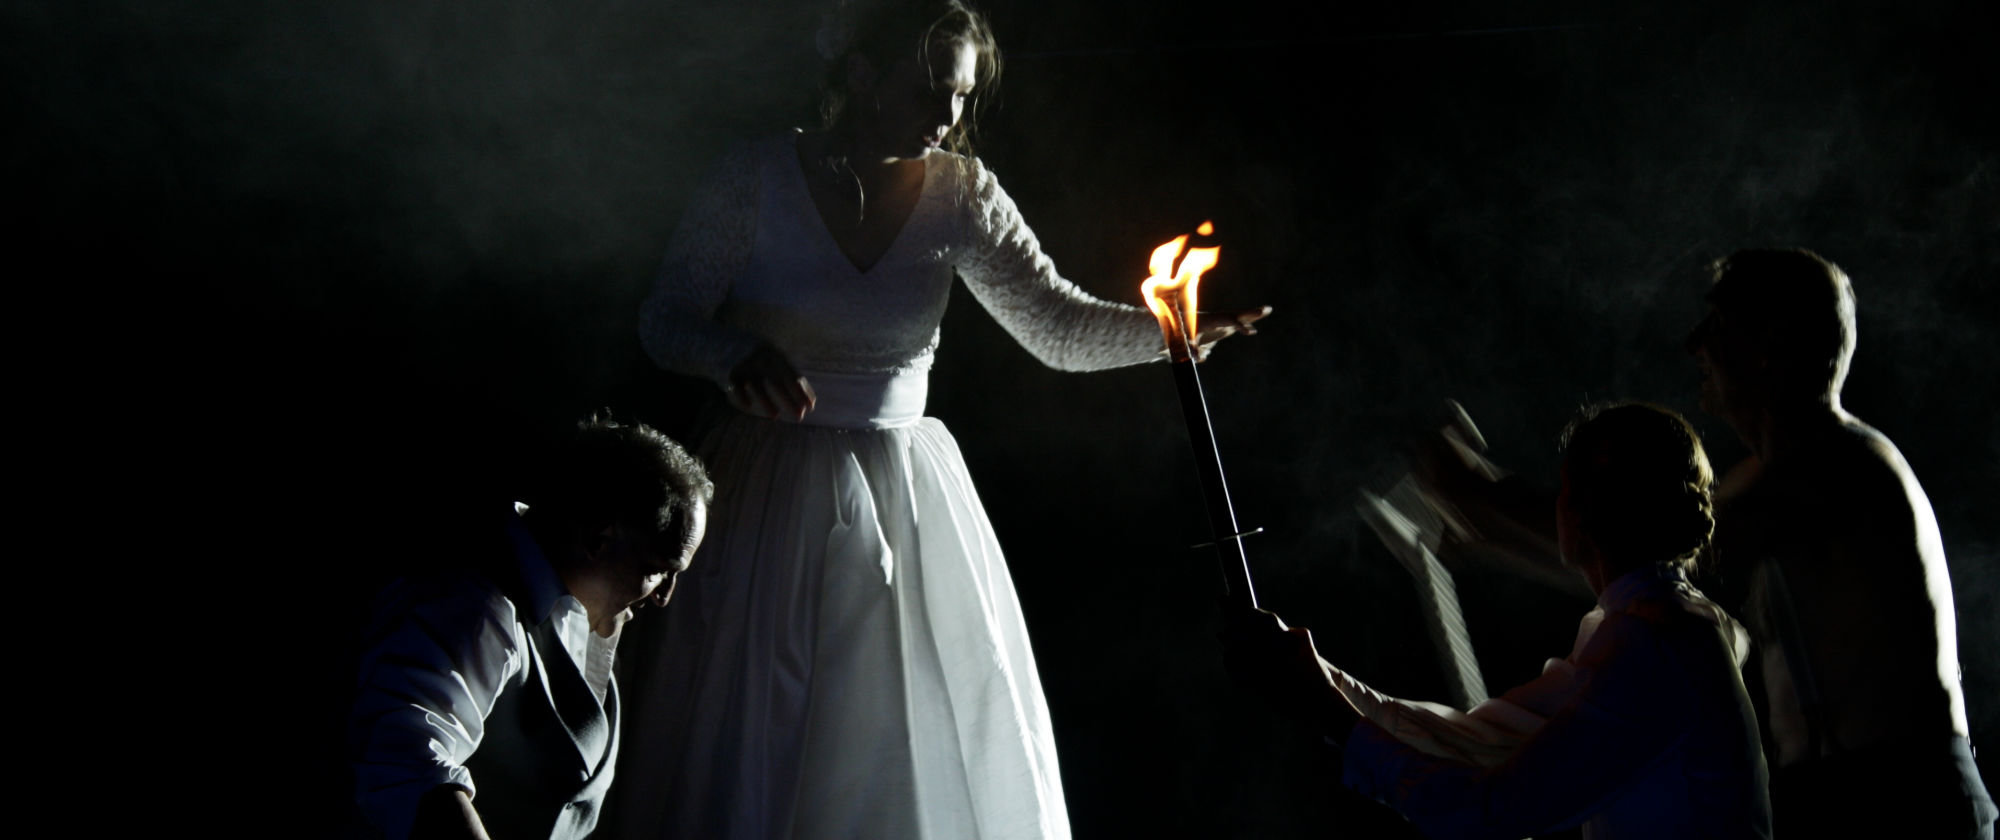 042-VIEL_LAERM_UM_NICHTS_Shakespeare_Regie_Malte_Kreutzfeldt_Staatstheater_Augsburg_2018